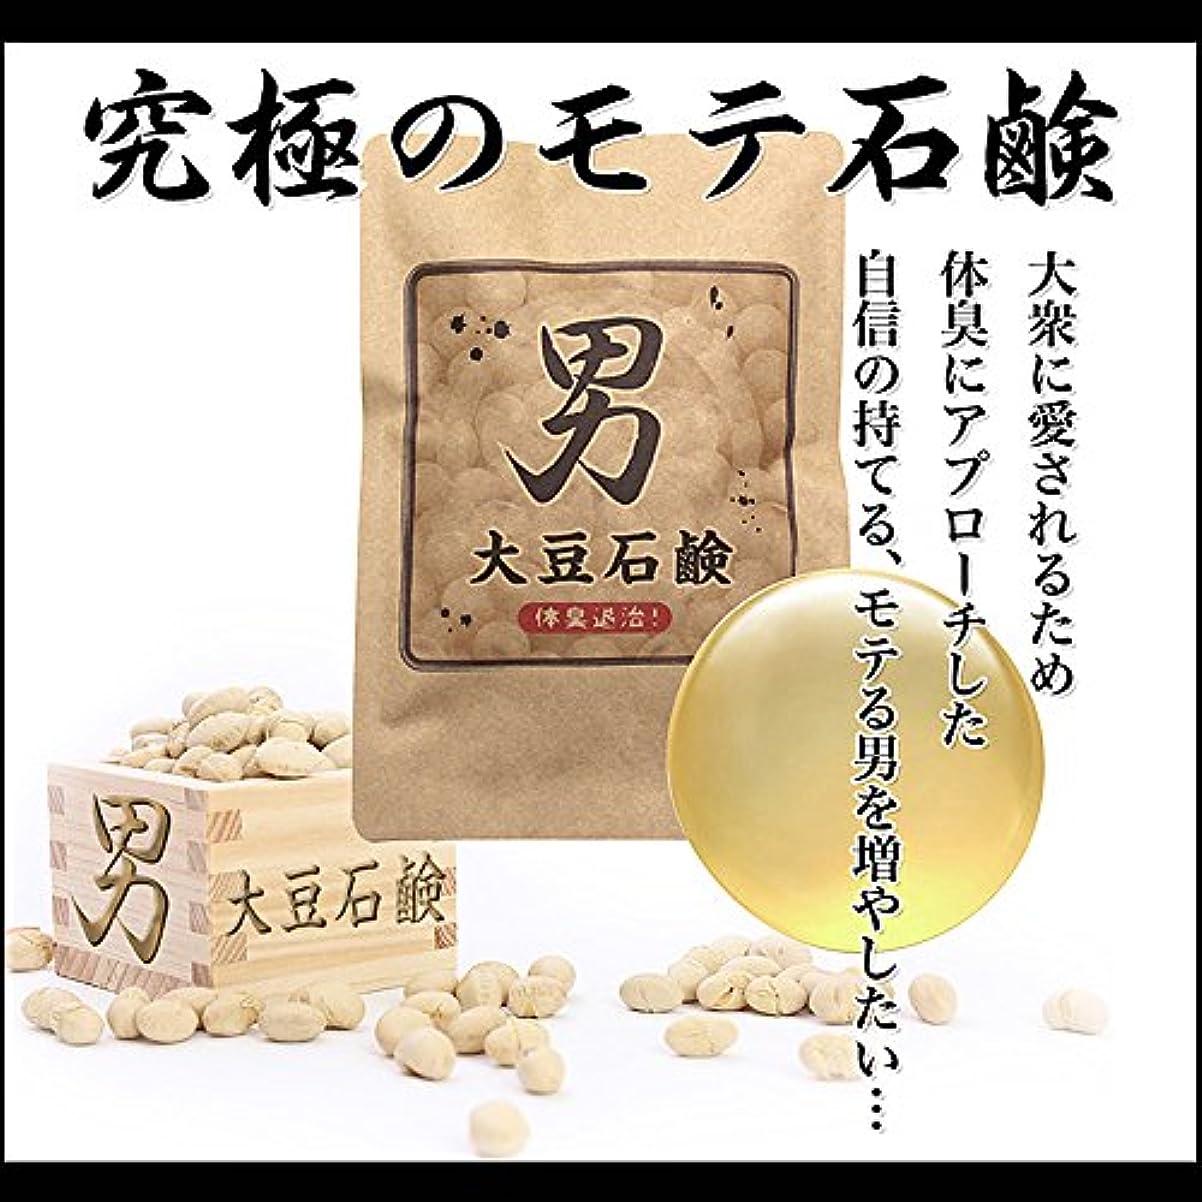 簡潔なかけがえのないフィルタ男大豆石鹸(セリュードボーテ ピュアソープ)